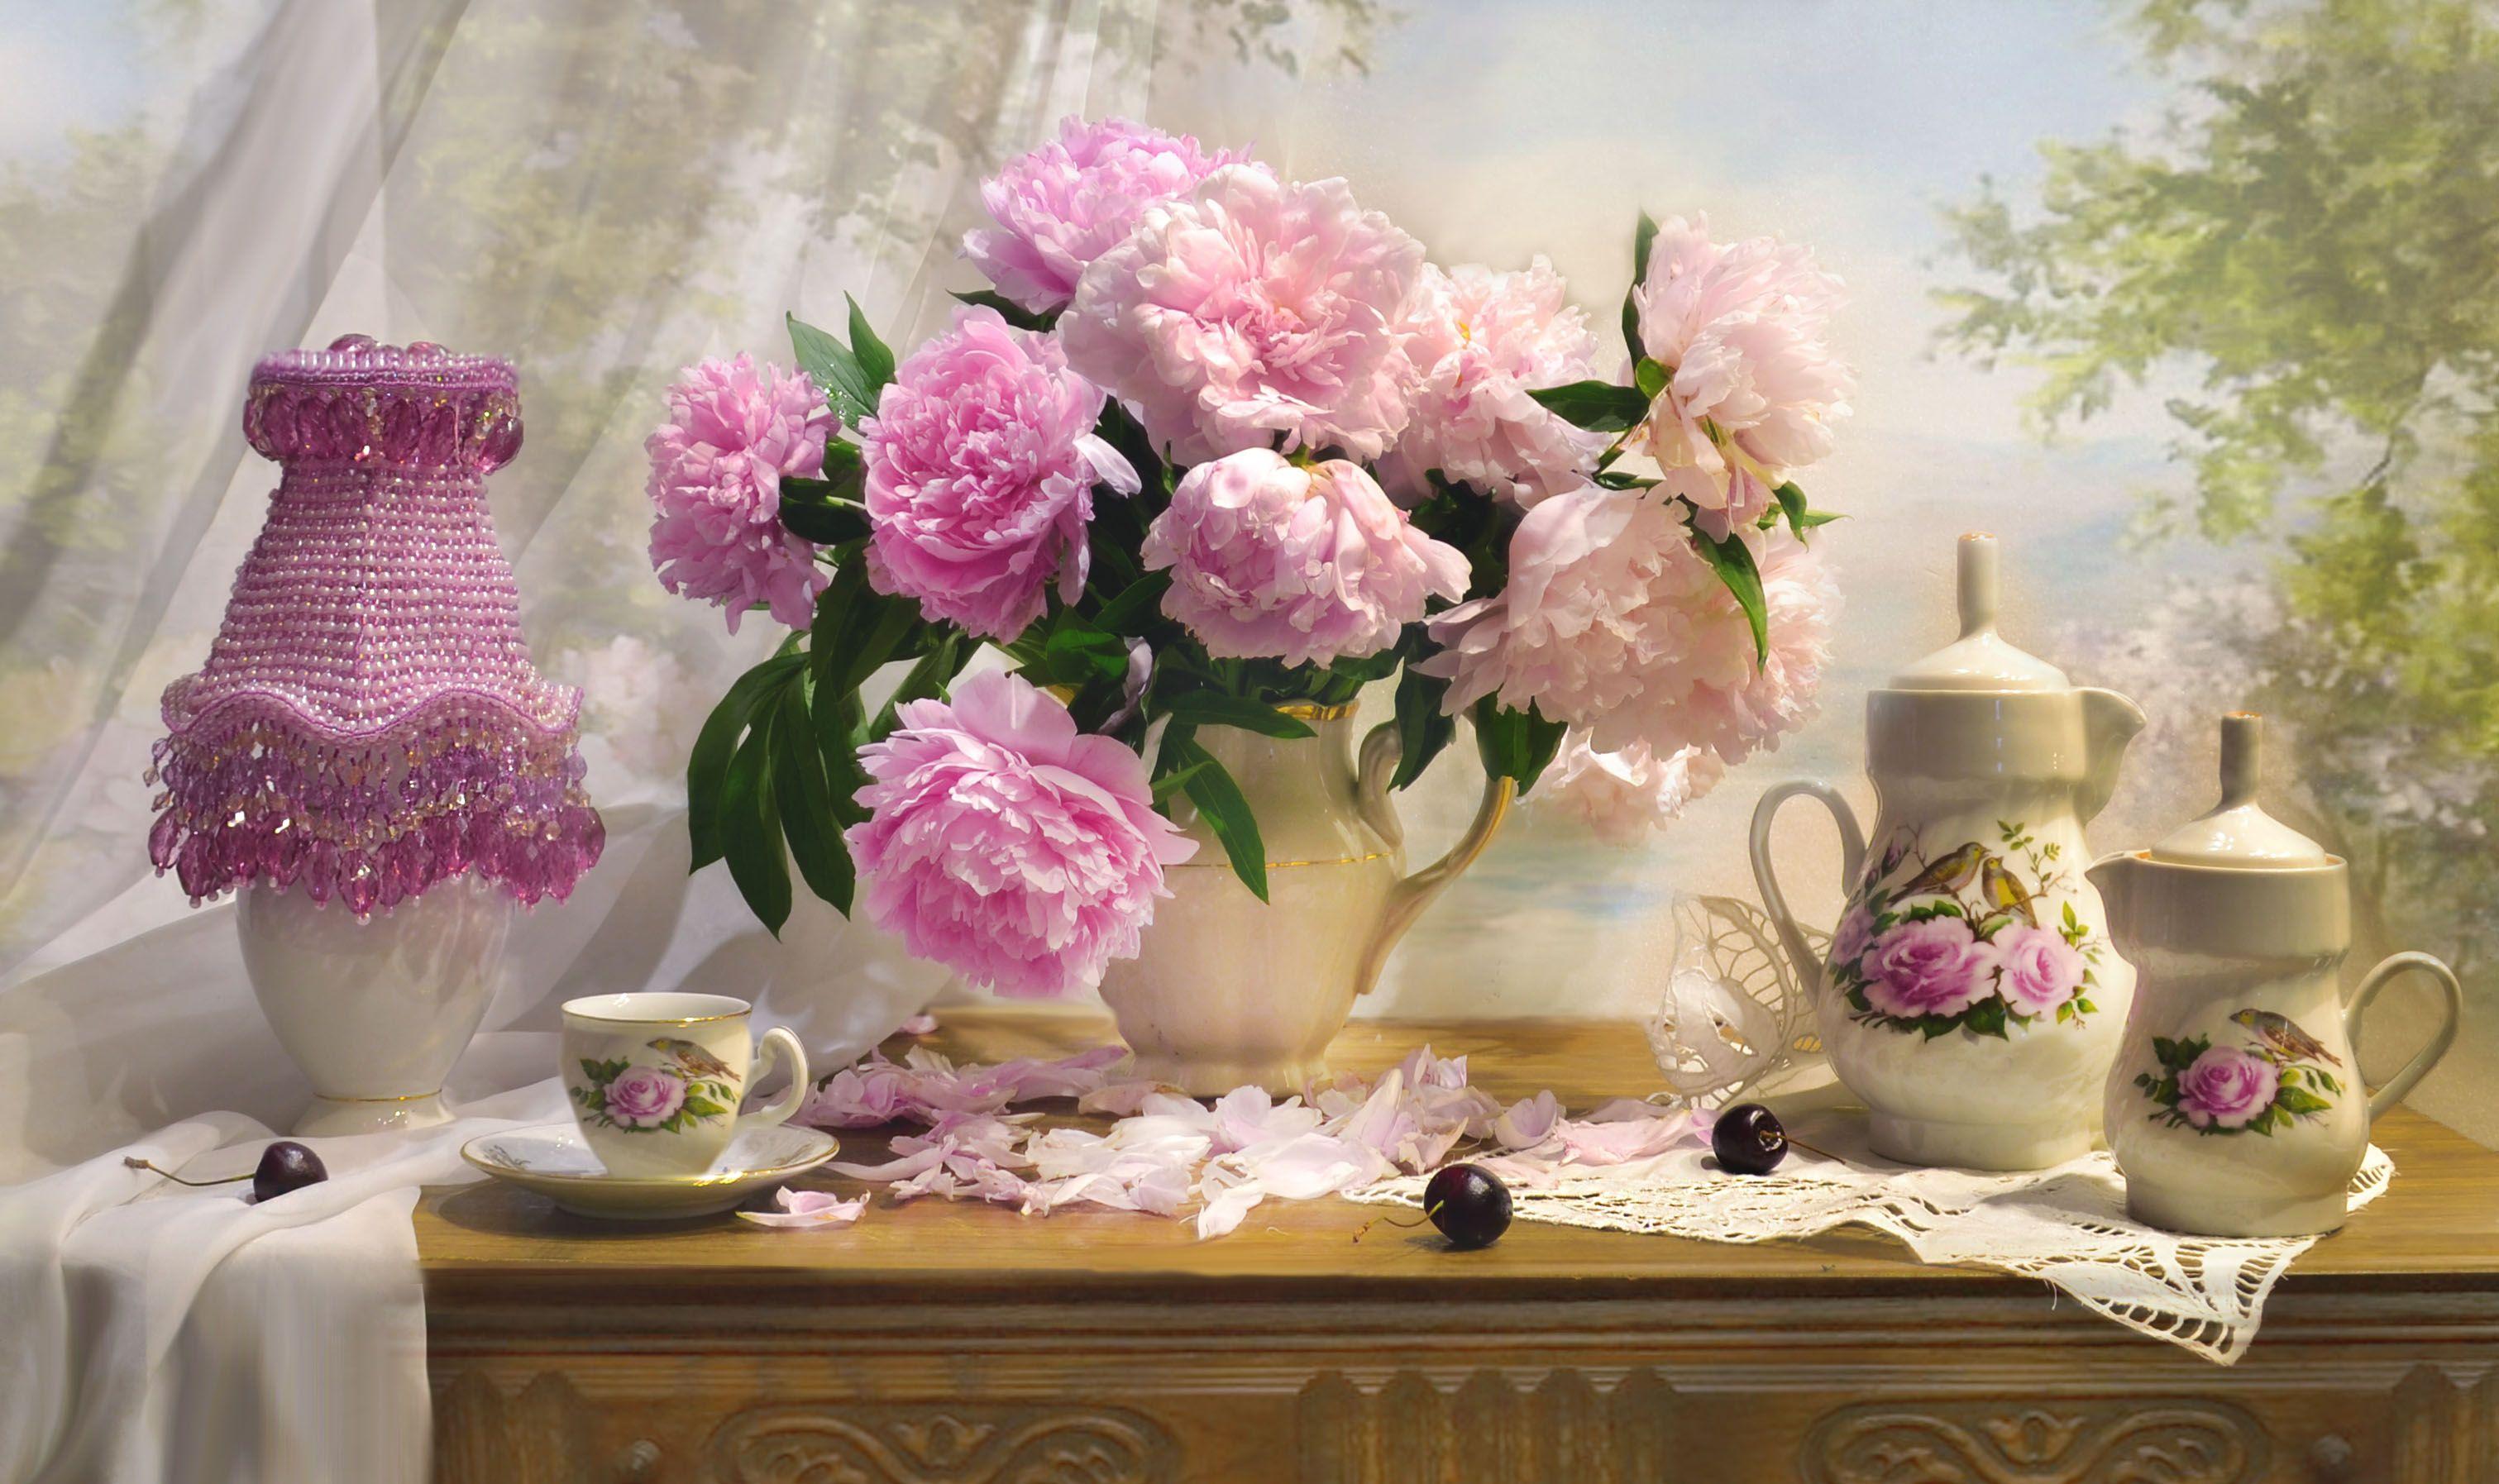 still life, натюрморт, цветы, фото натюрморт, пионы, настроение, лето, июль,  фарфор,настольная лампа, Колова Валентина